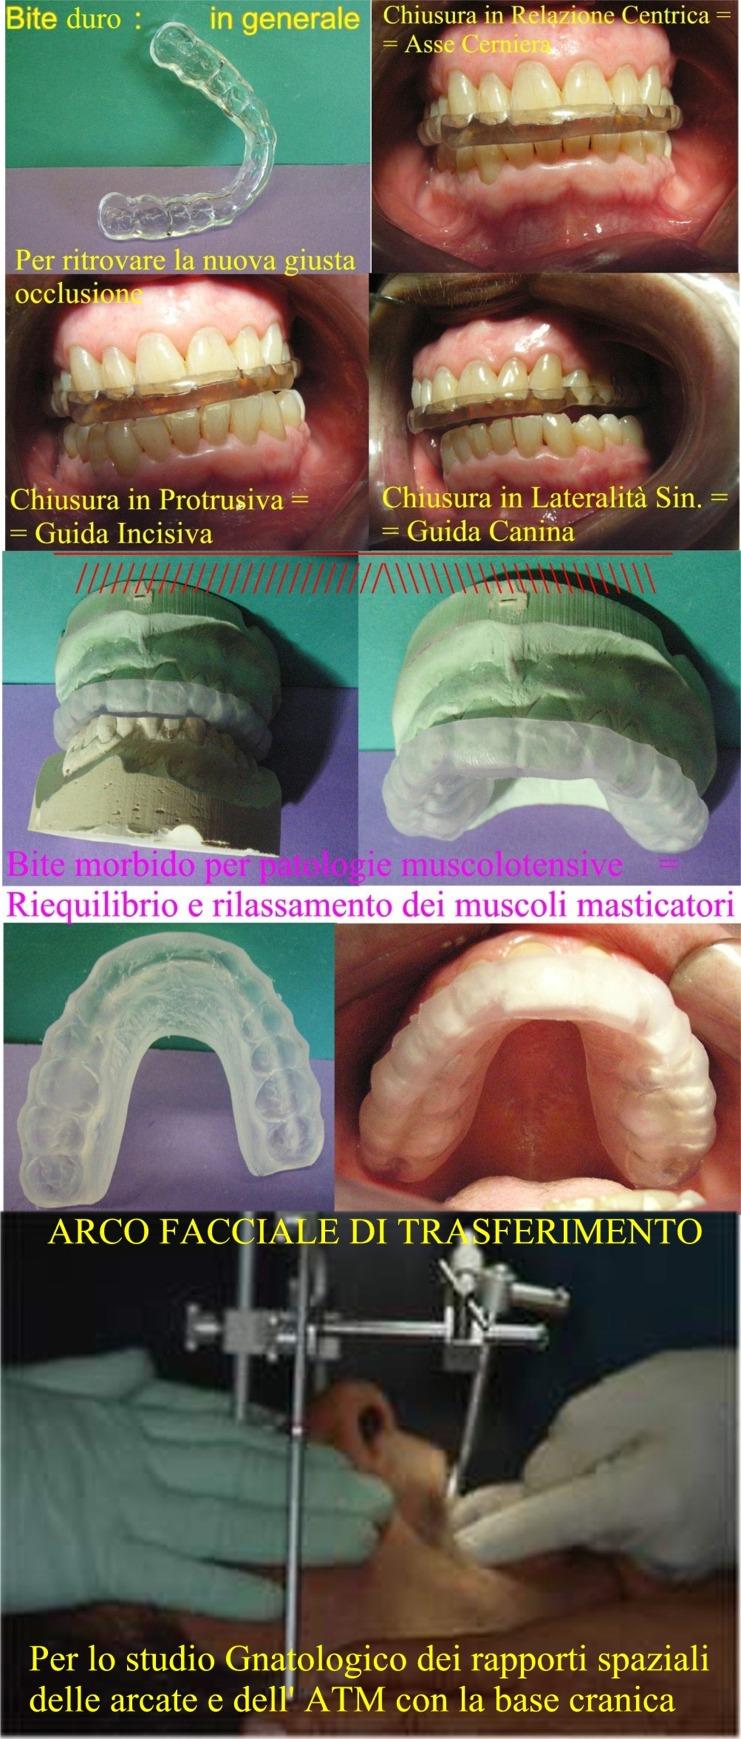 Bite e visita gnatologica Dr. Gustavo Petti Cagliari